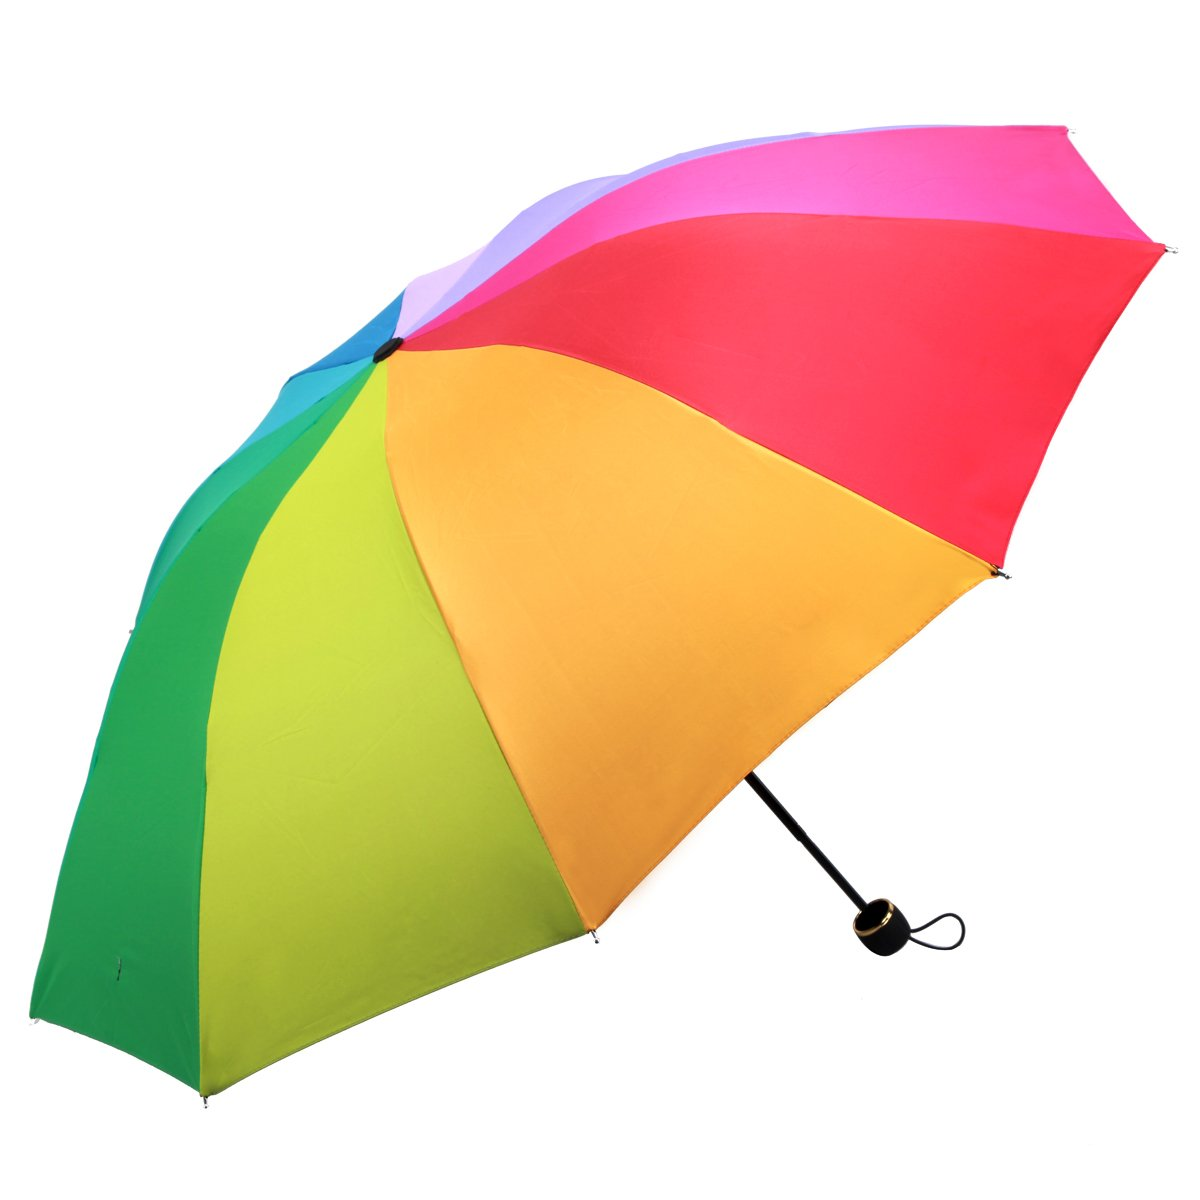 创意晴雨伞遮阳伞太阳伞1302(10骨黑胶防晒彩虹伞)